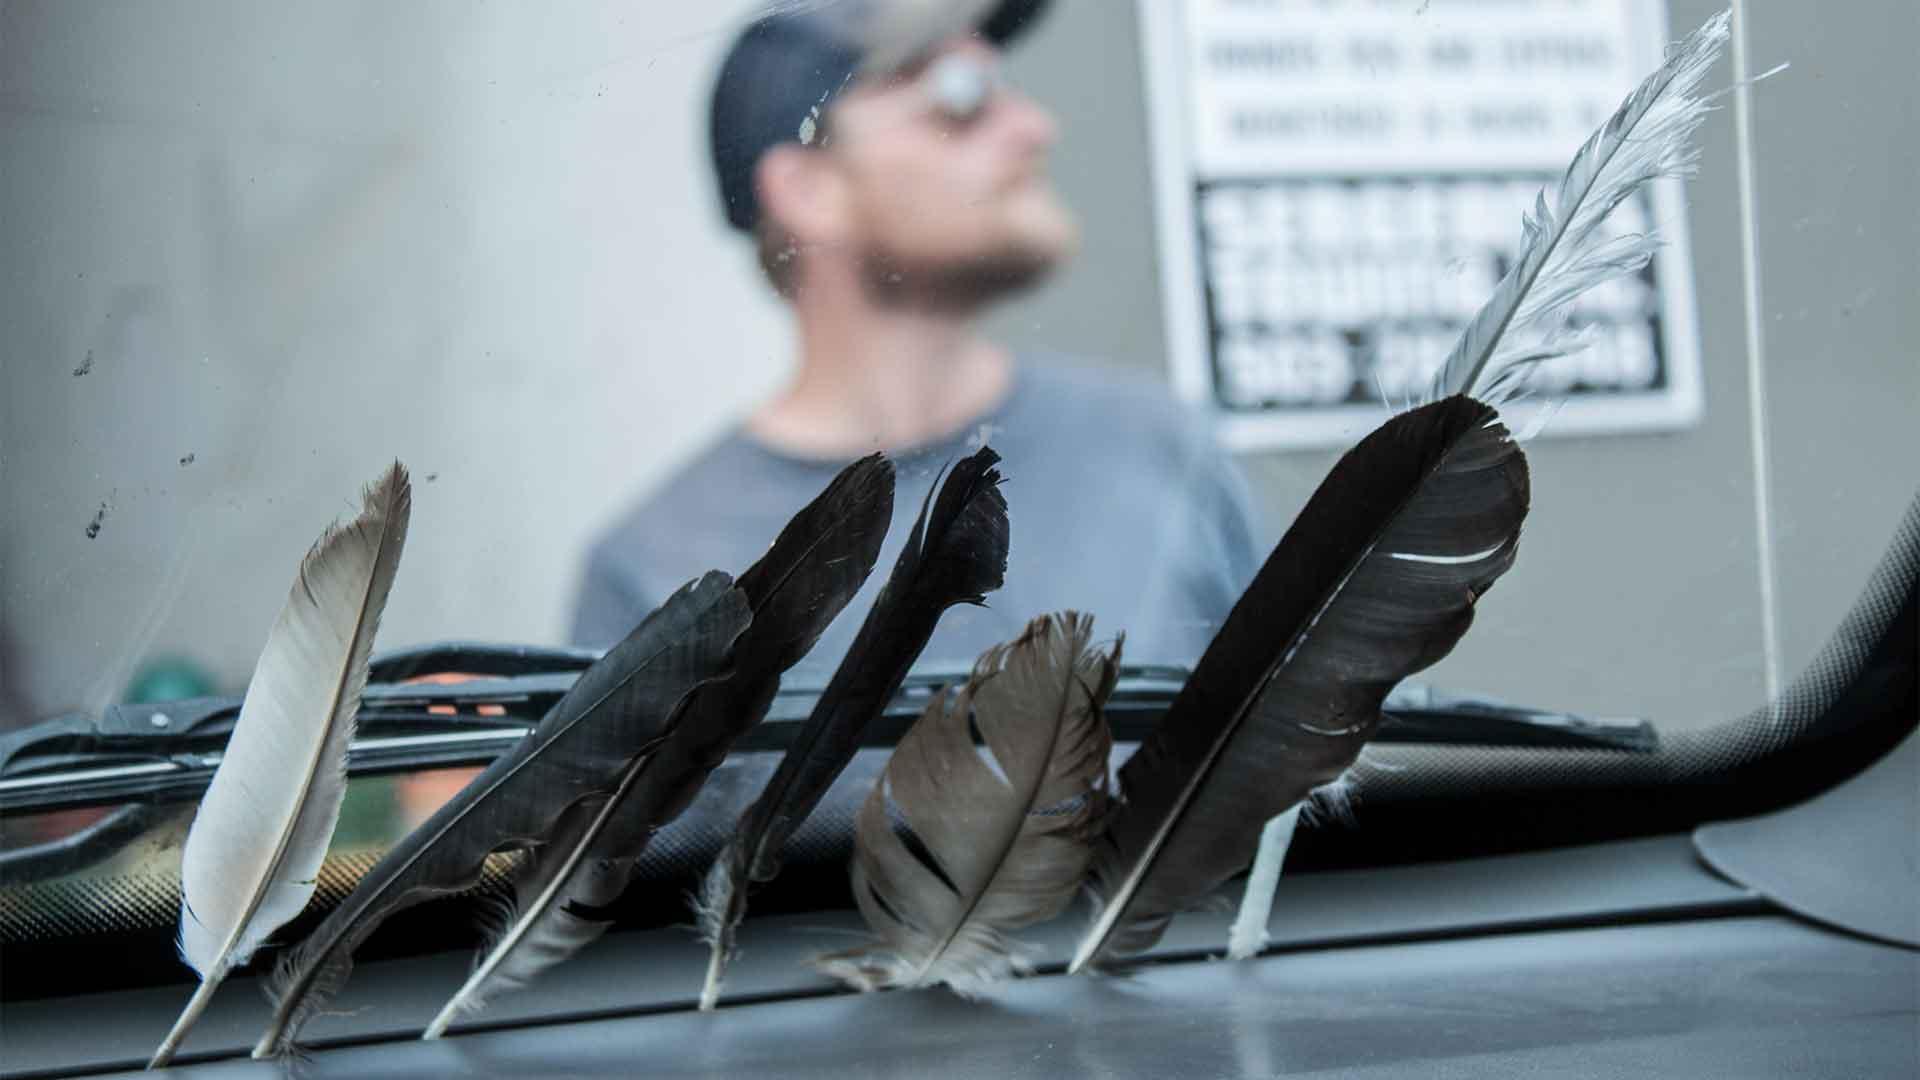 Immer wieder begegnen uns Federn auf unseren Wegen; damit wir weiterfliegen, nehmen wir sie mit